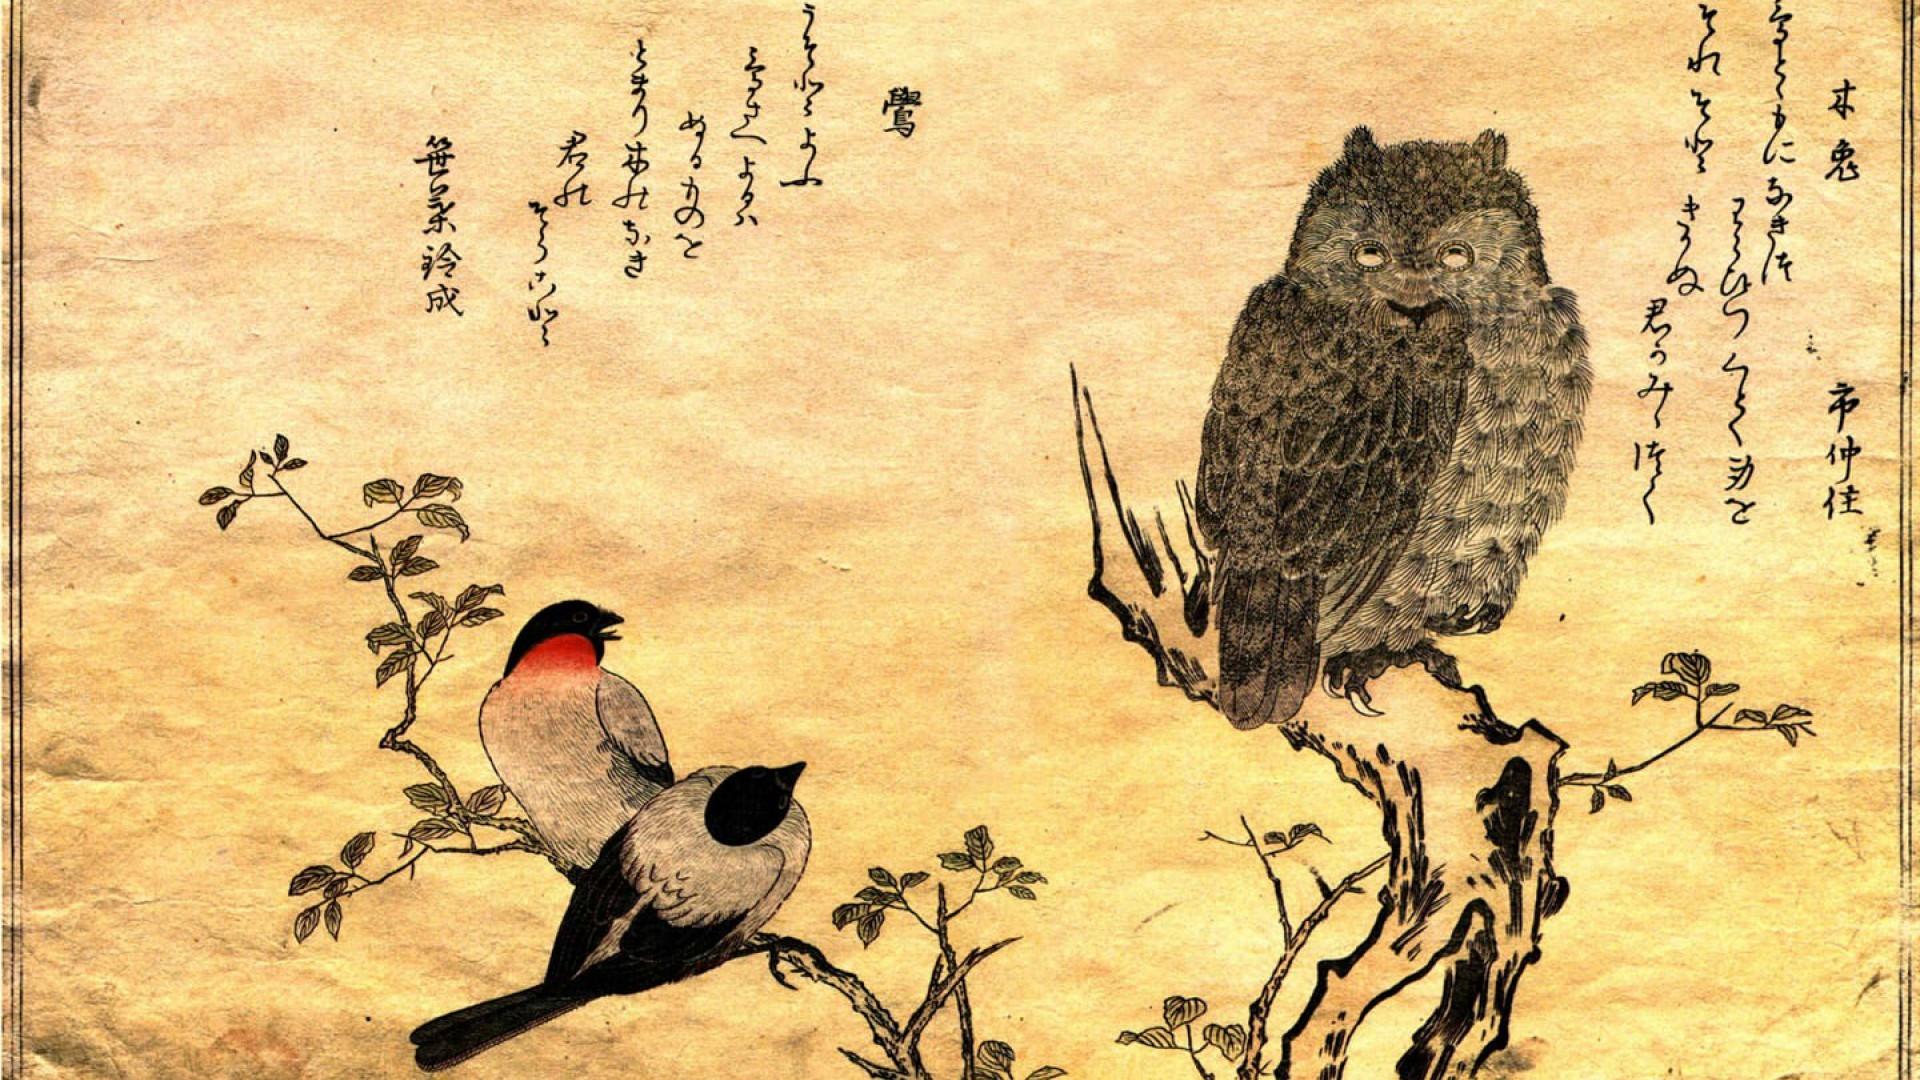 Desktop Wallpaper Japanese Art #h619280 | Art HD Images